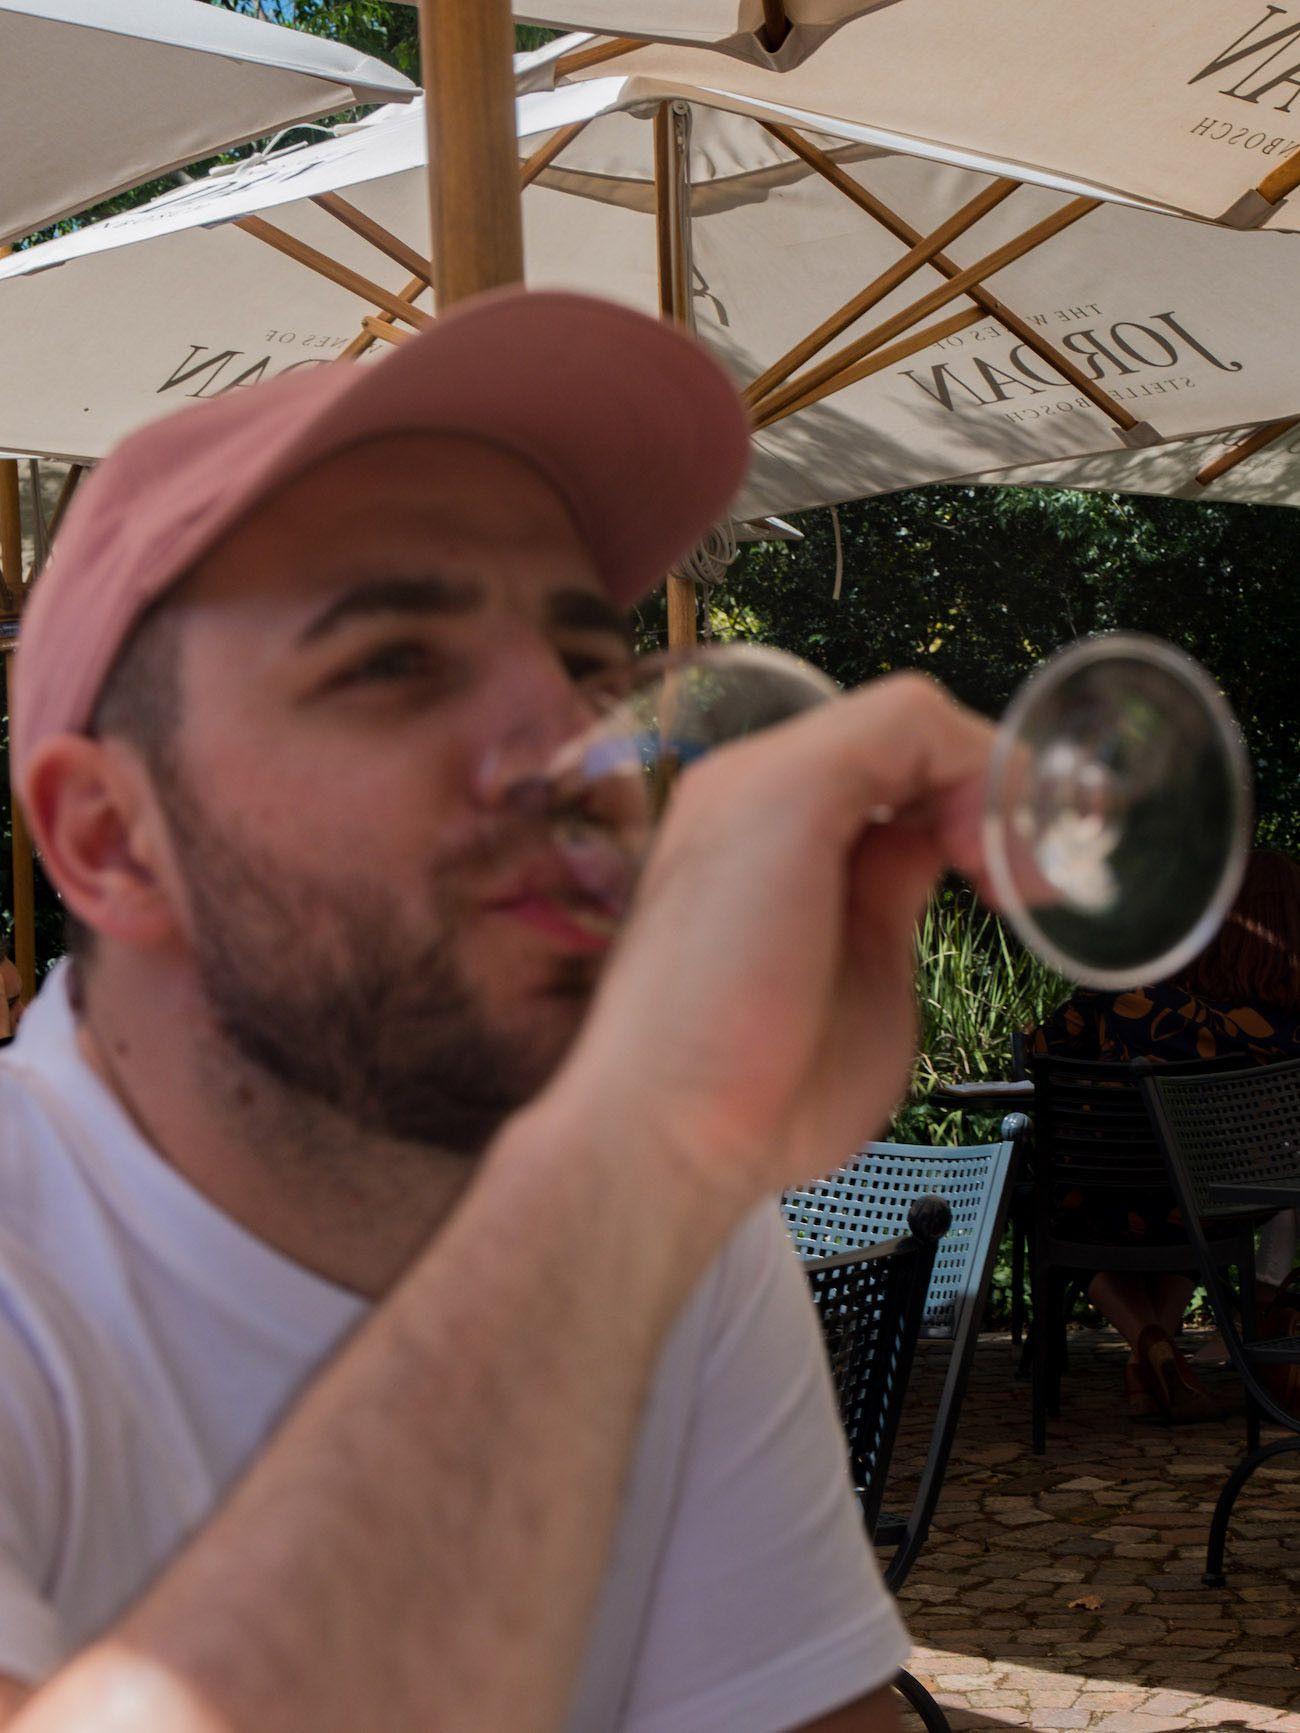 Weinguide Stellenbosch, Jordans, Wein